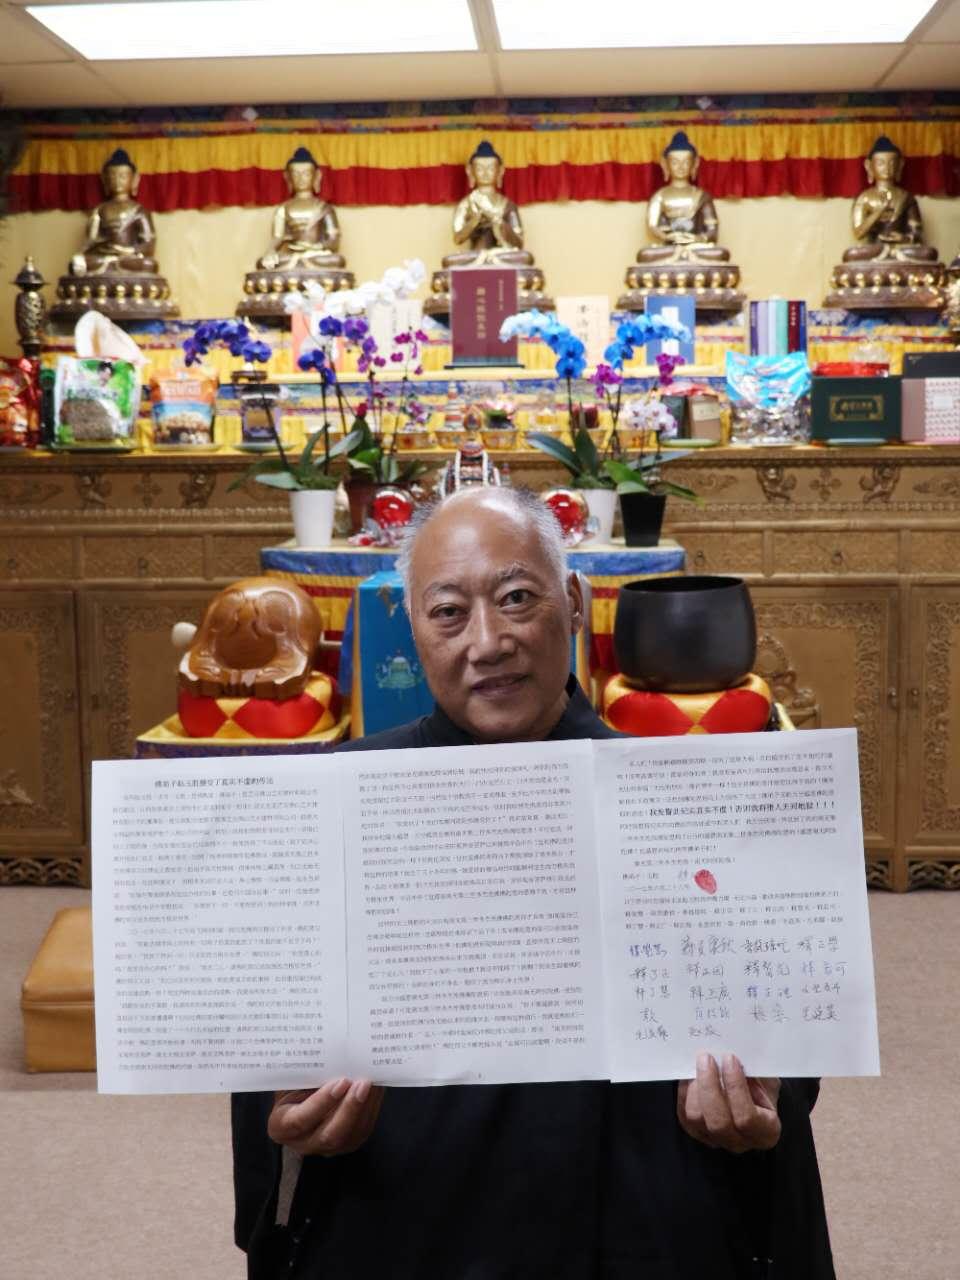 佛弟子赵玉胜接受了南无第三世多杰羌佛的传法 亲见阿弥陀佛保证往生西方极乐世界 第1张